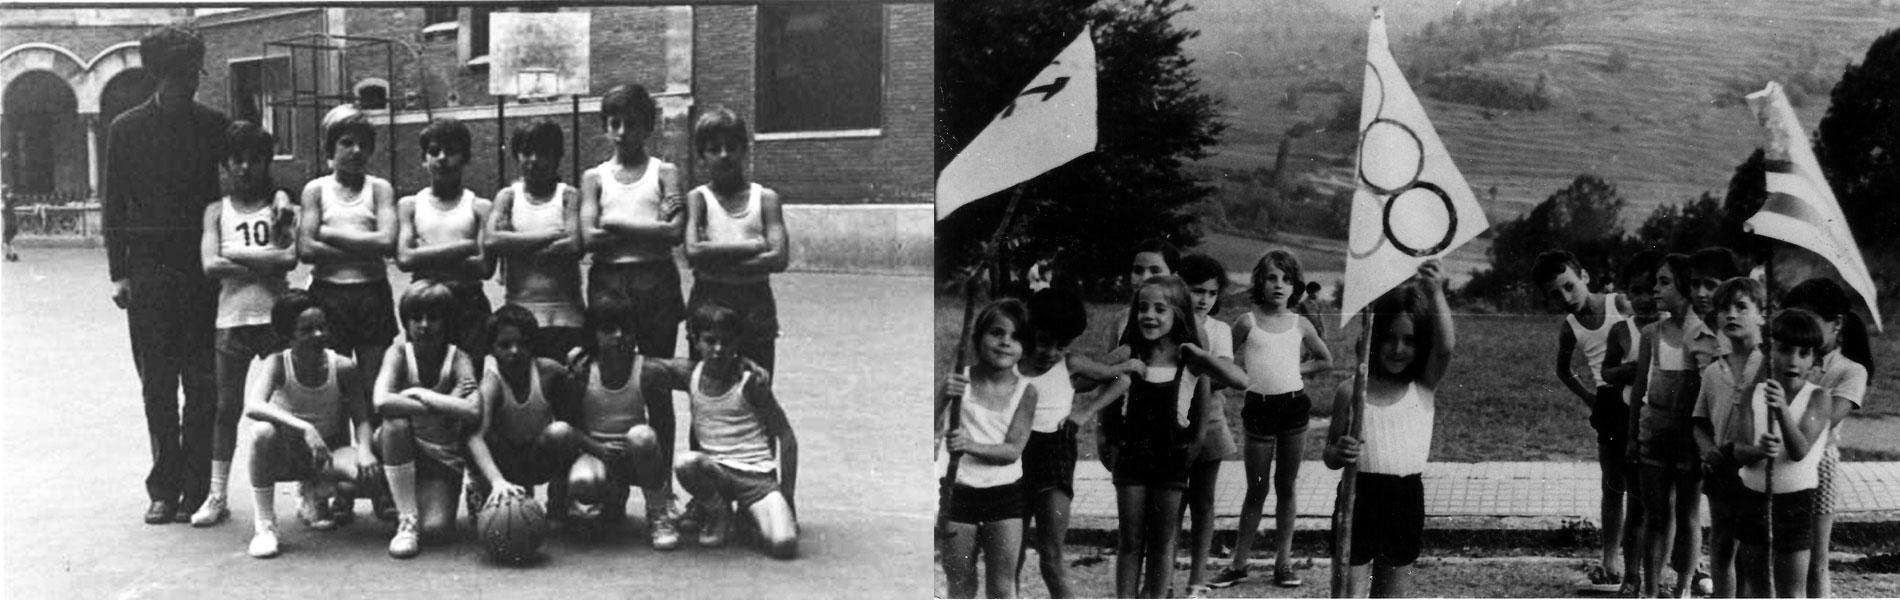 Deportes en la escuela en sus inicios